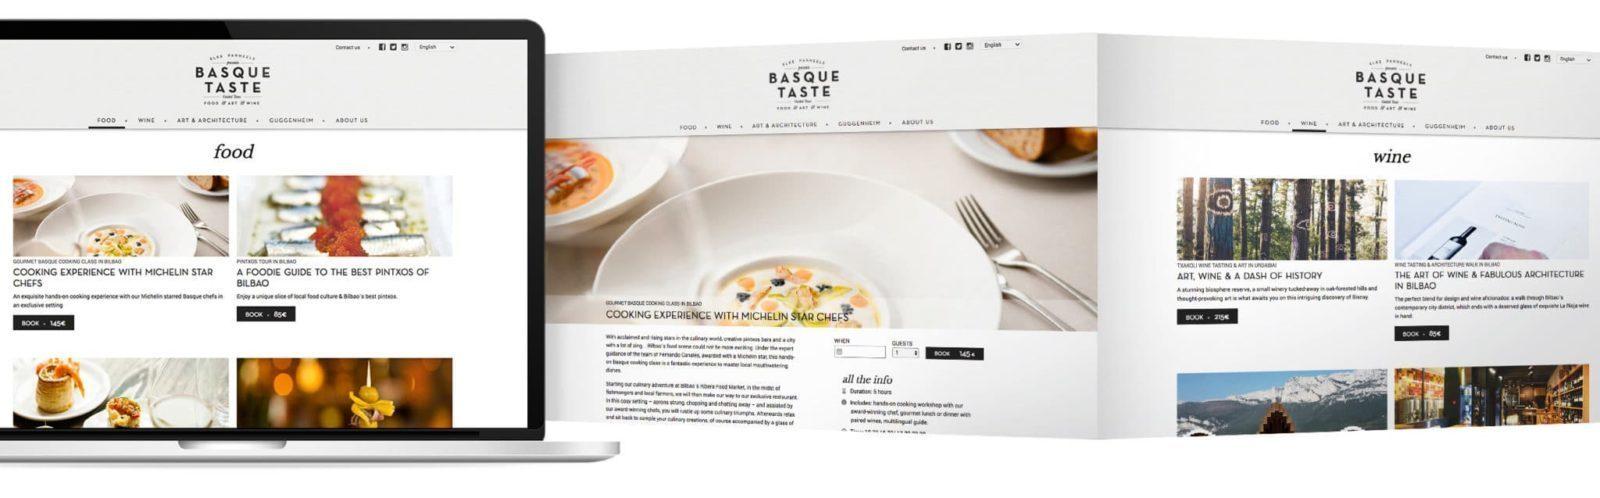 Desarrollo web Basque Taste